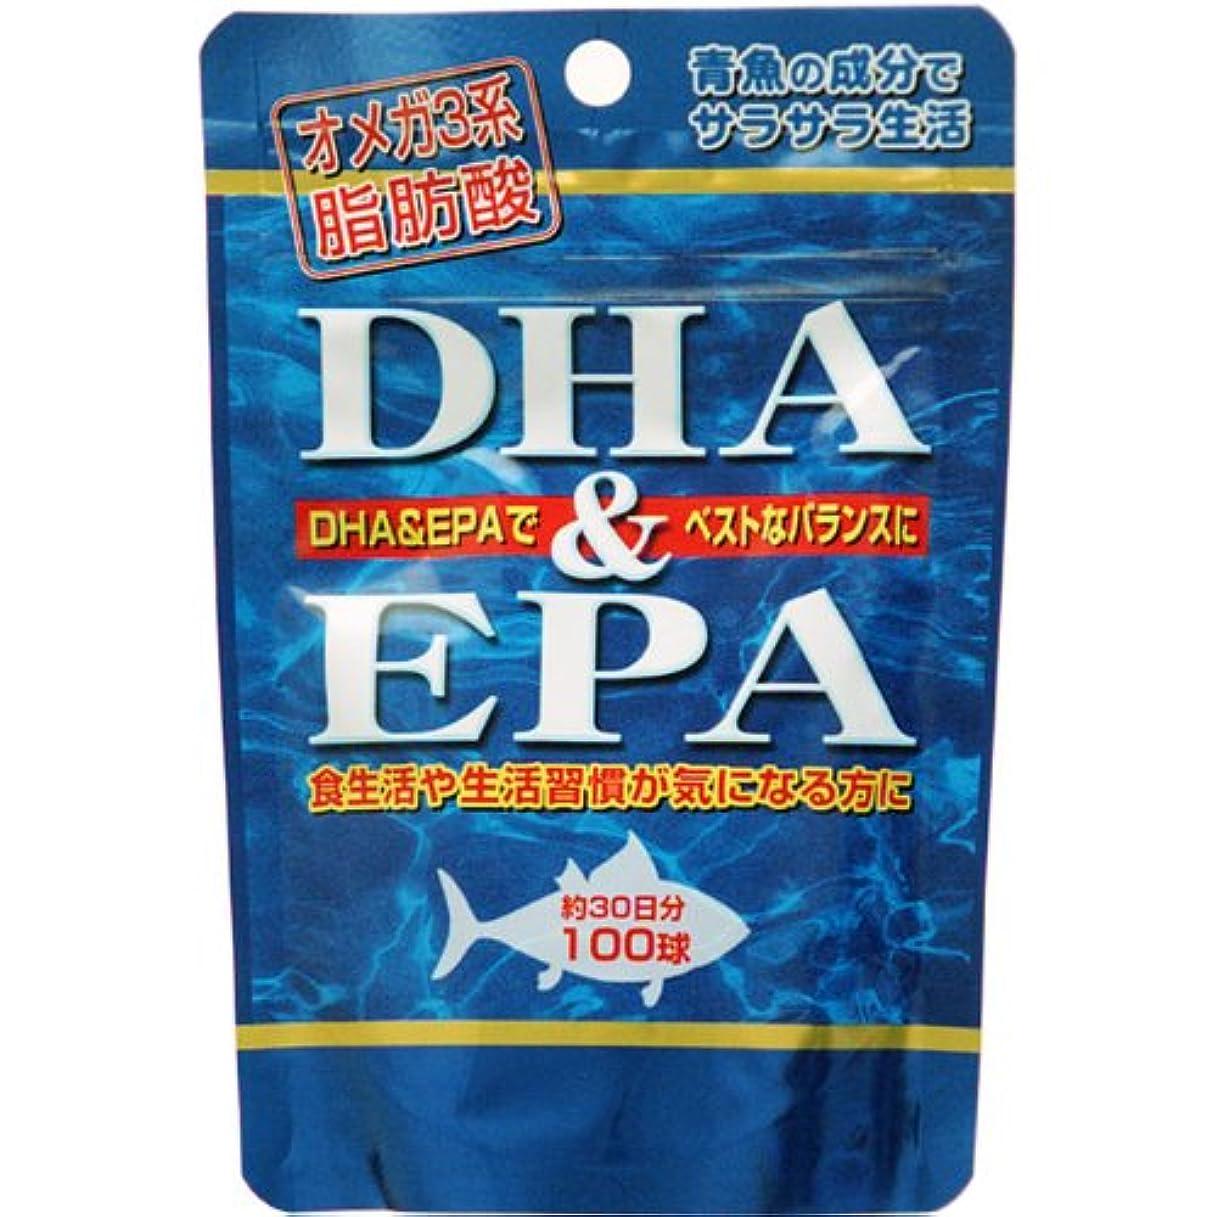 確率ダーツ淡いDHA(ドコサヘキサエン酸)&EPA(エイコサペンタエン酸)×2